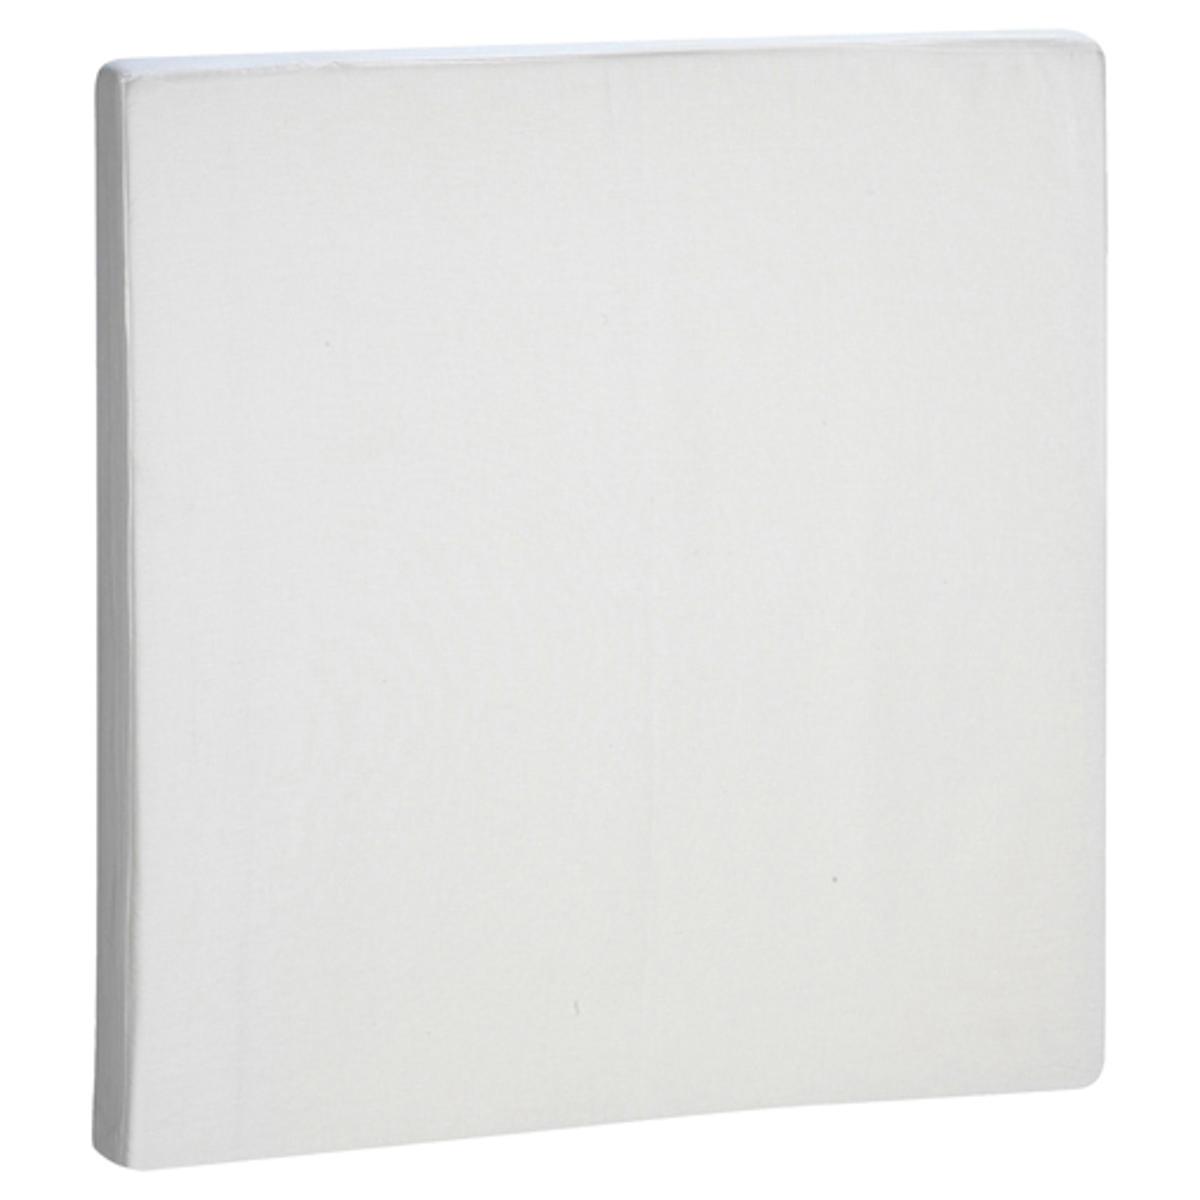 Чехол La Redoute Для изголовья кровати Stadia лен высота см 95 x 10 x 160 см белый